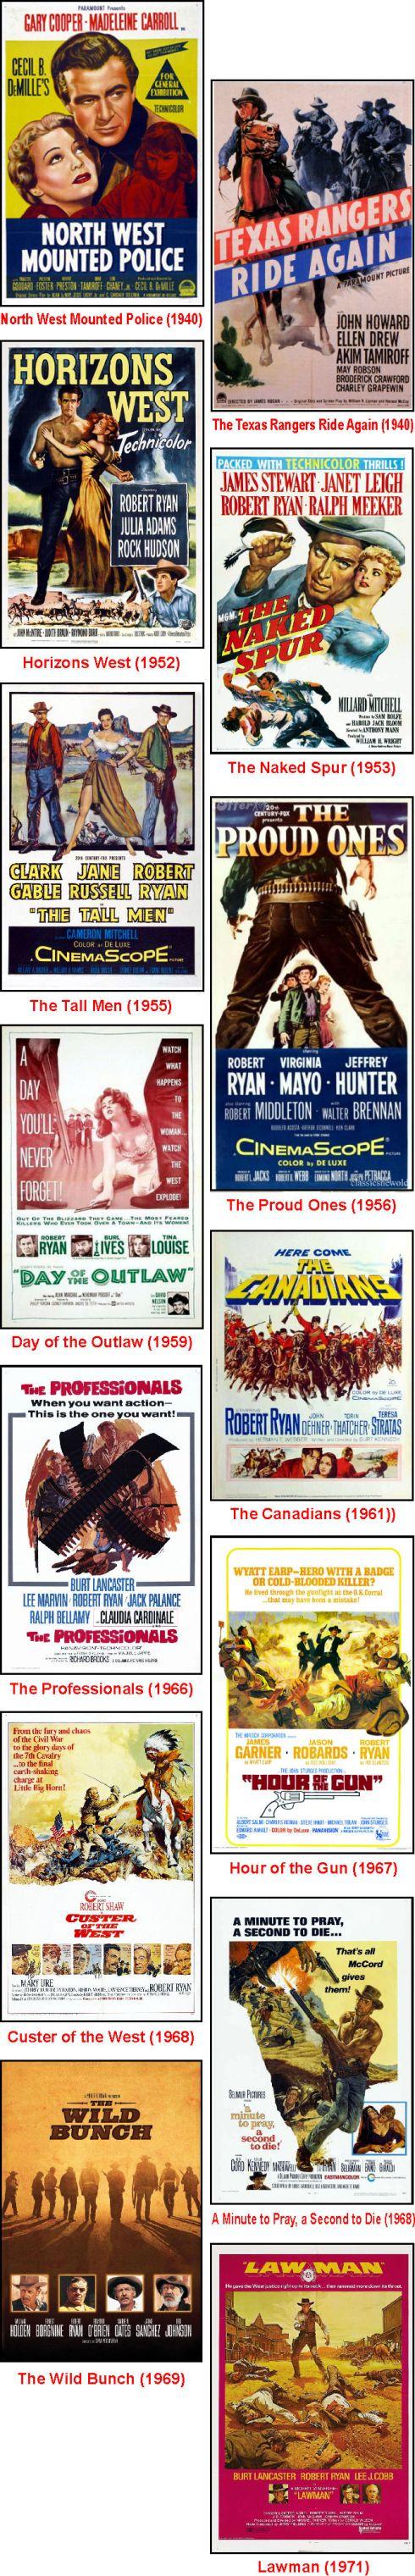 Robert Ryan Western Posters